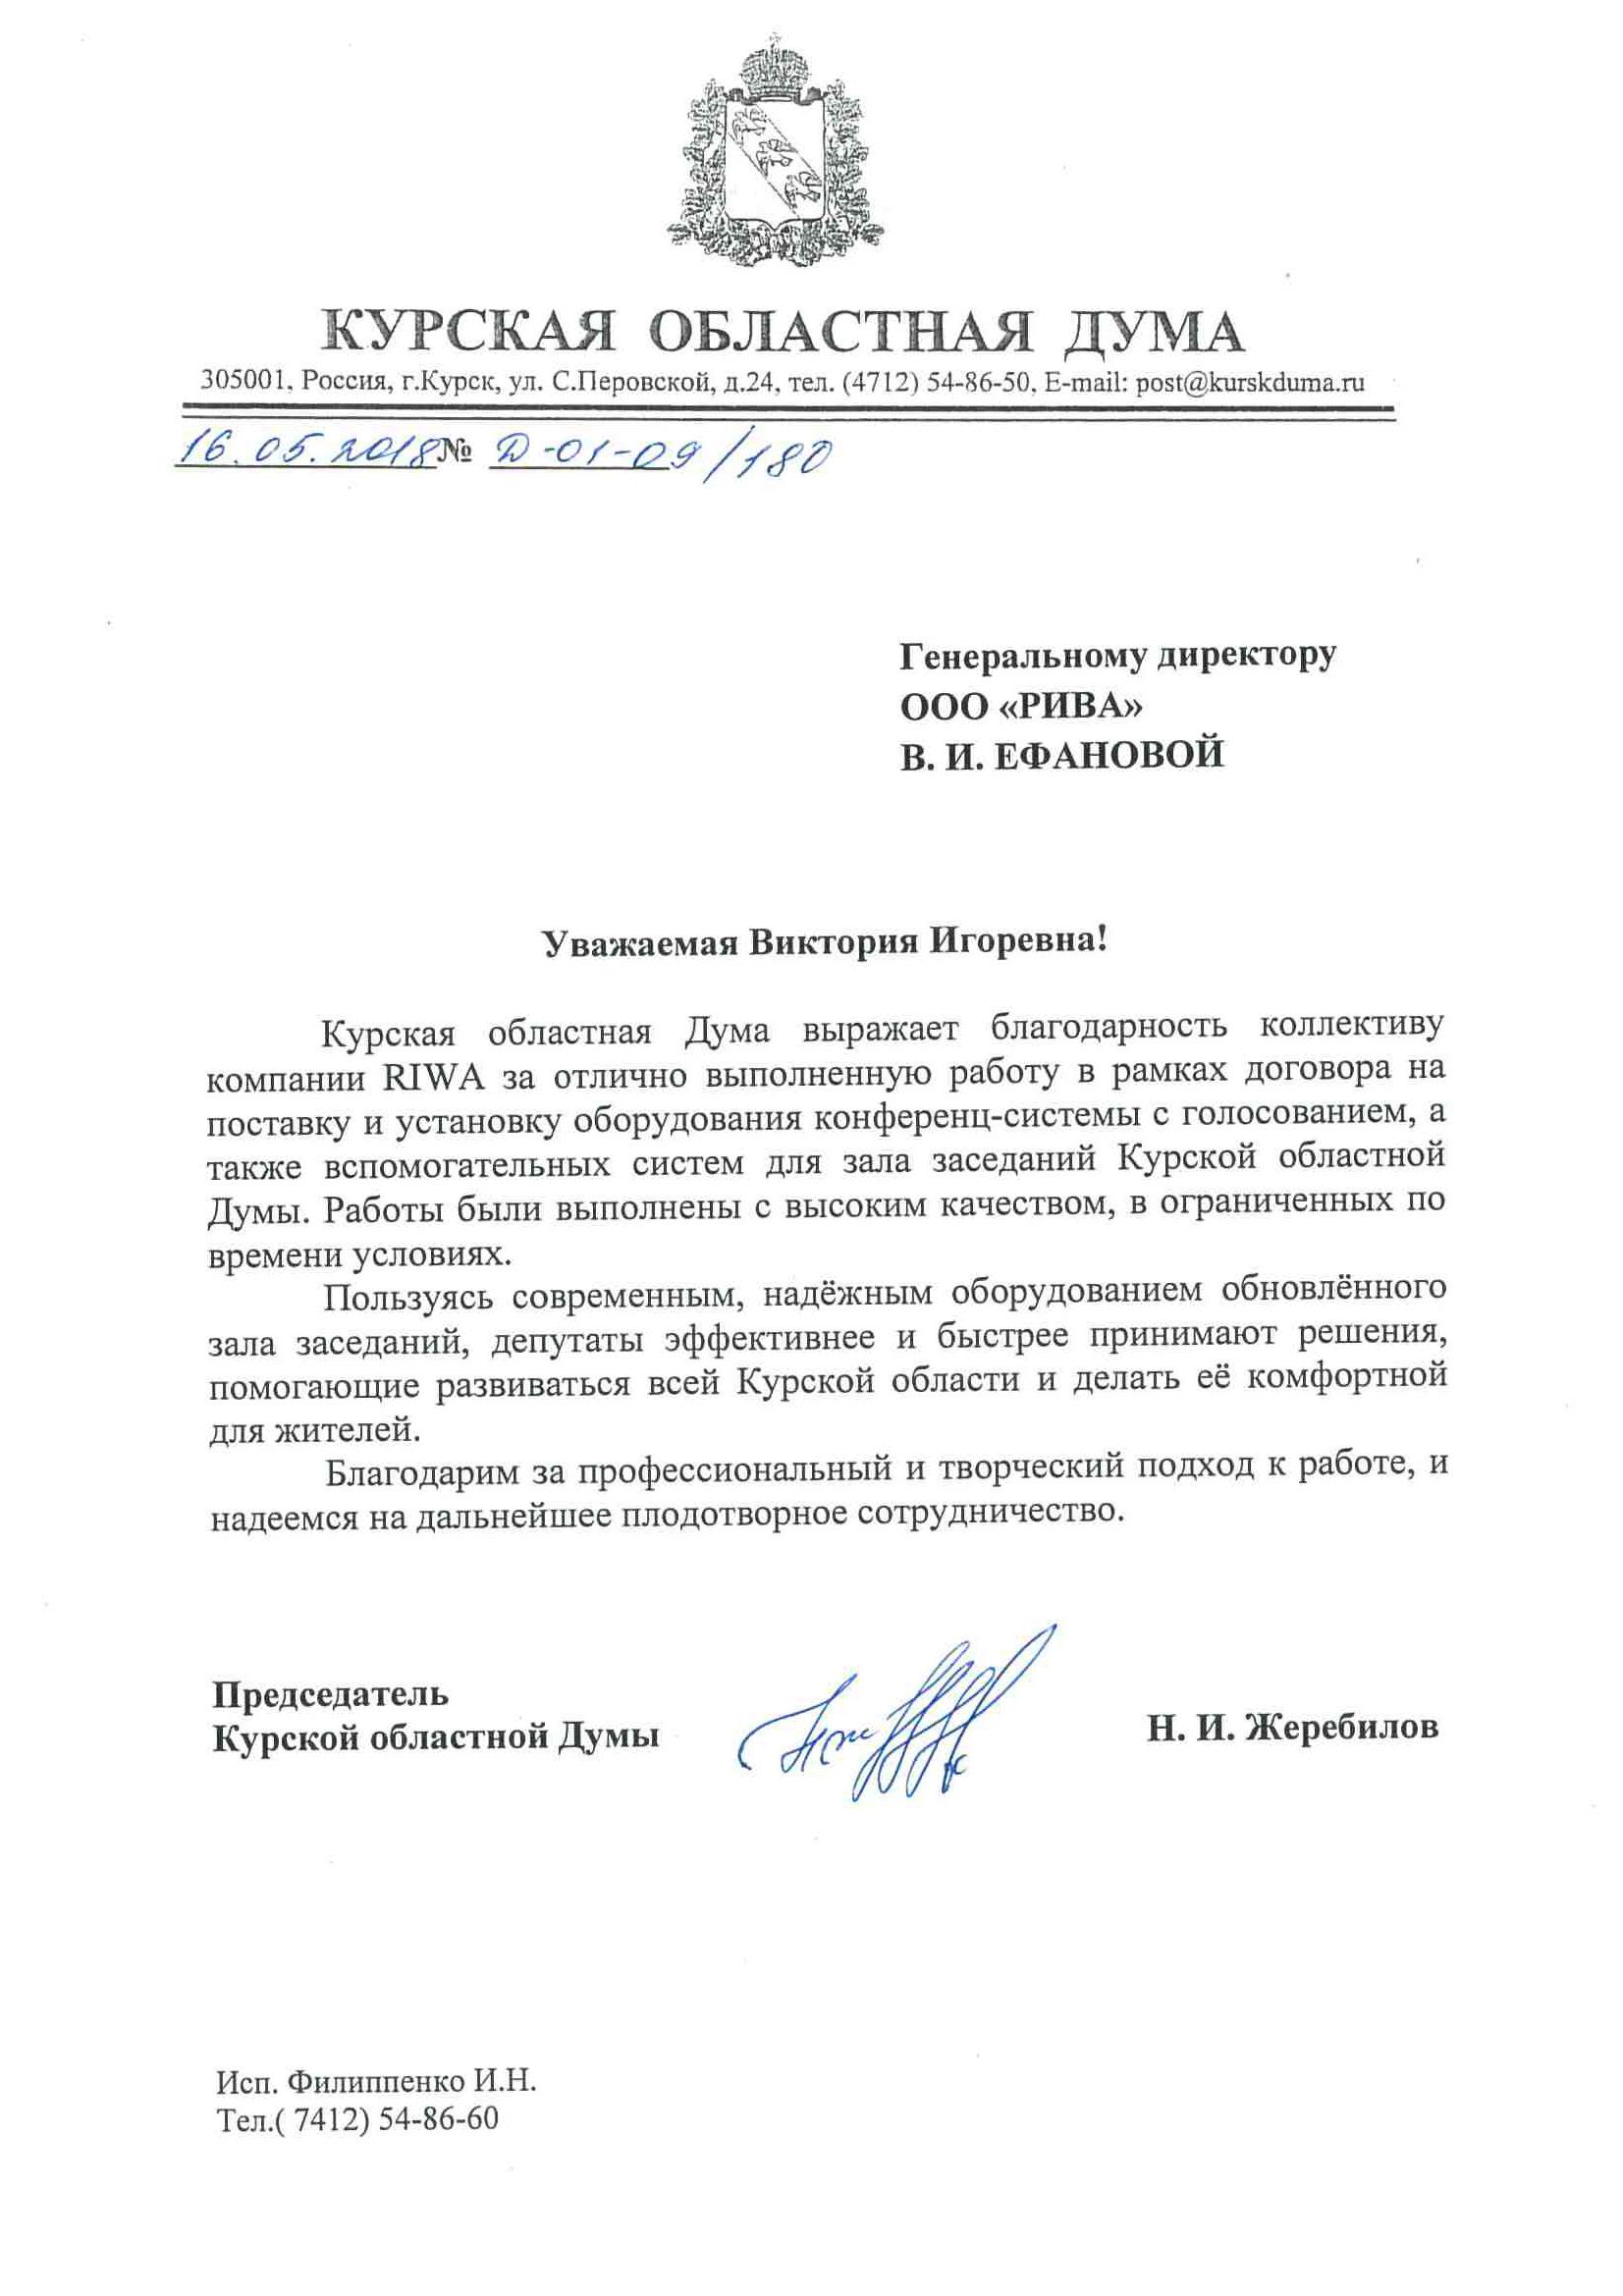 Благодарственное письмо Курской Думы для ООО РИВА